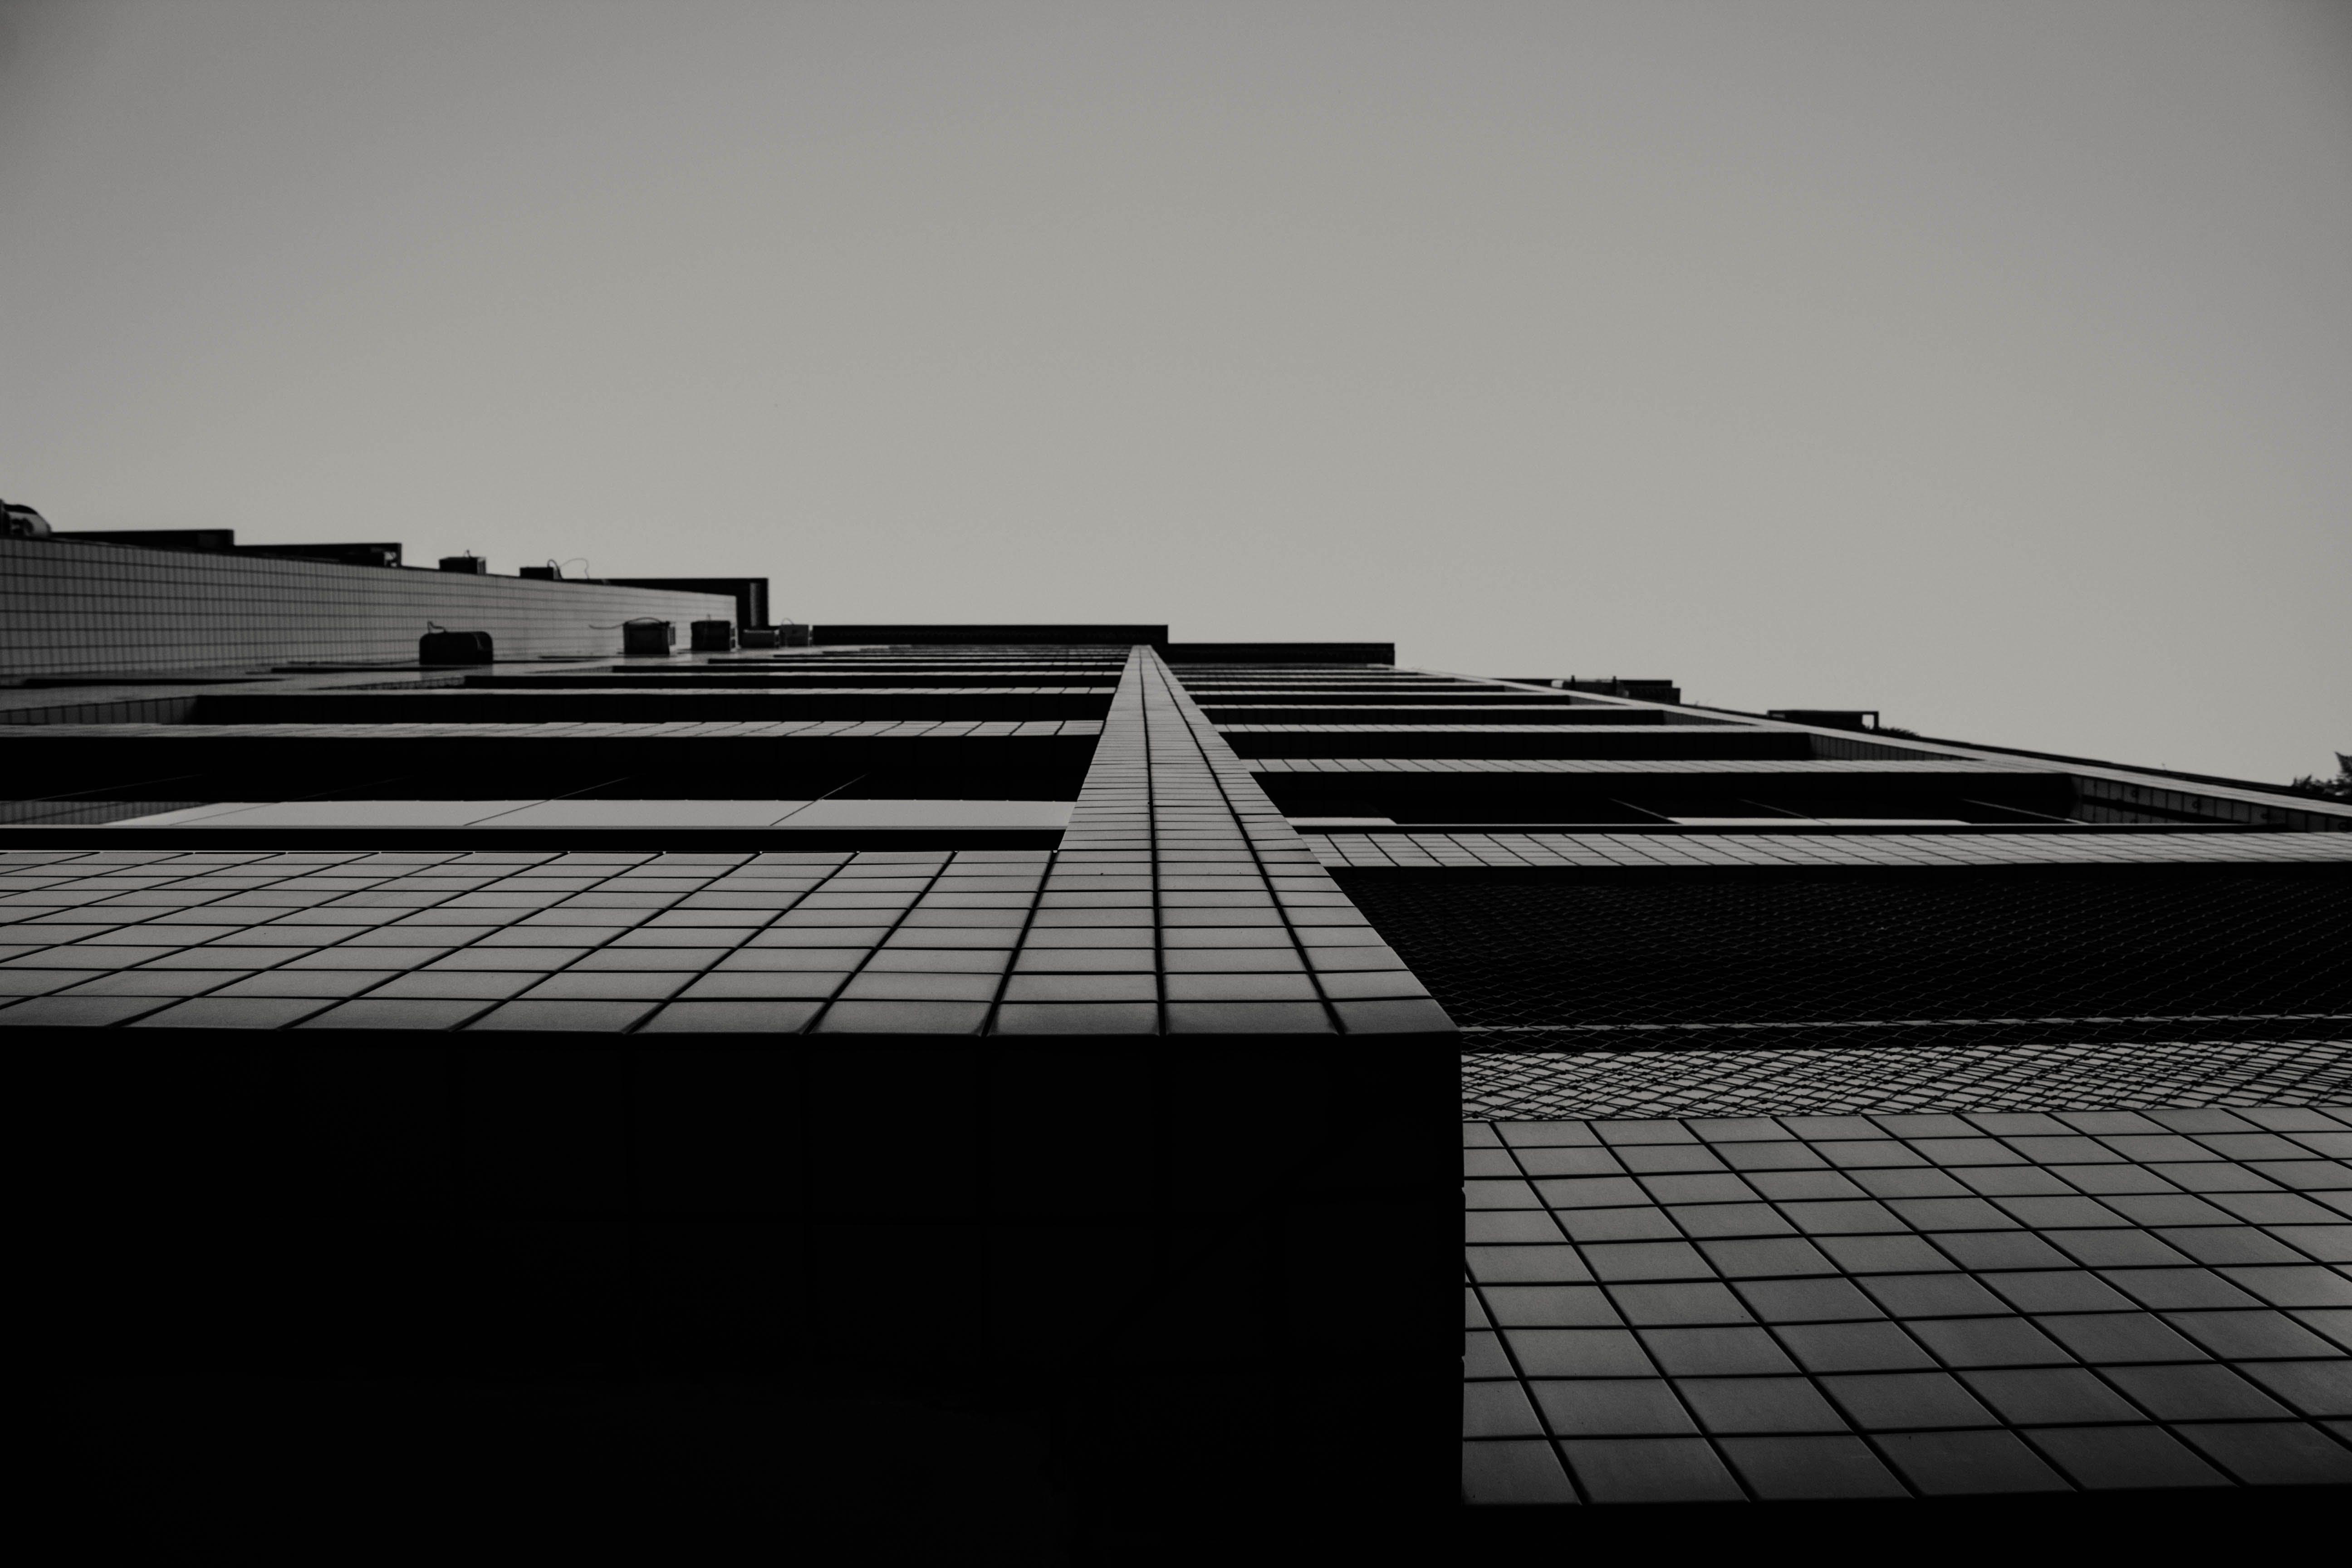 คลังภาพถ่ายฟรี ของ ขาวดำ, ท้องฟ้า, ภาพถ่ายมุมต่ำ, ภายนอกอาคาร